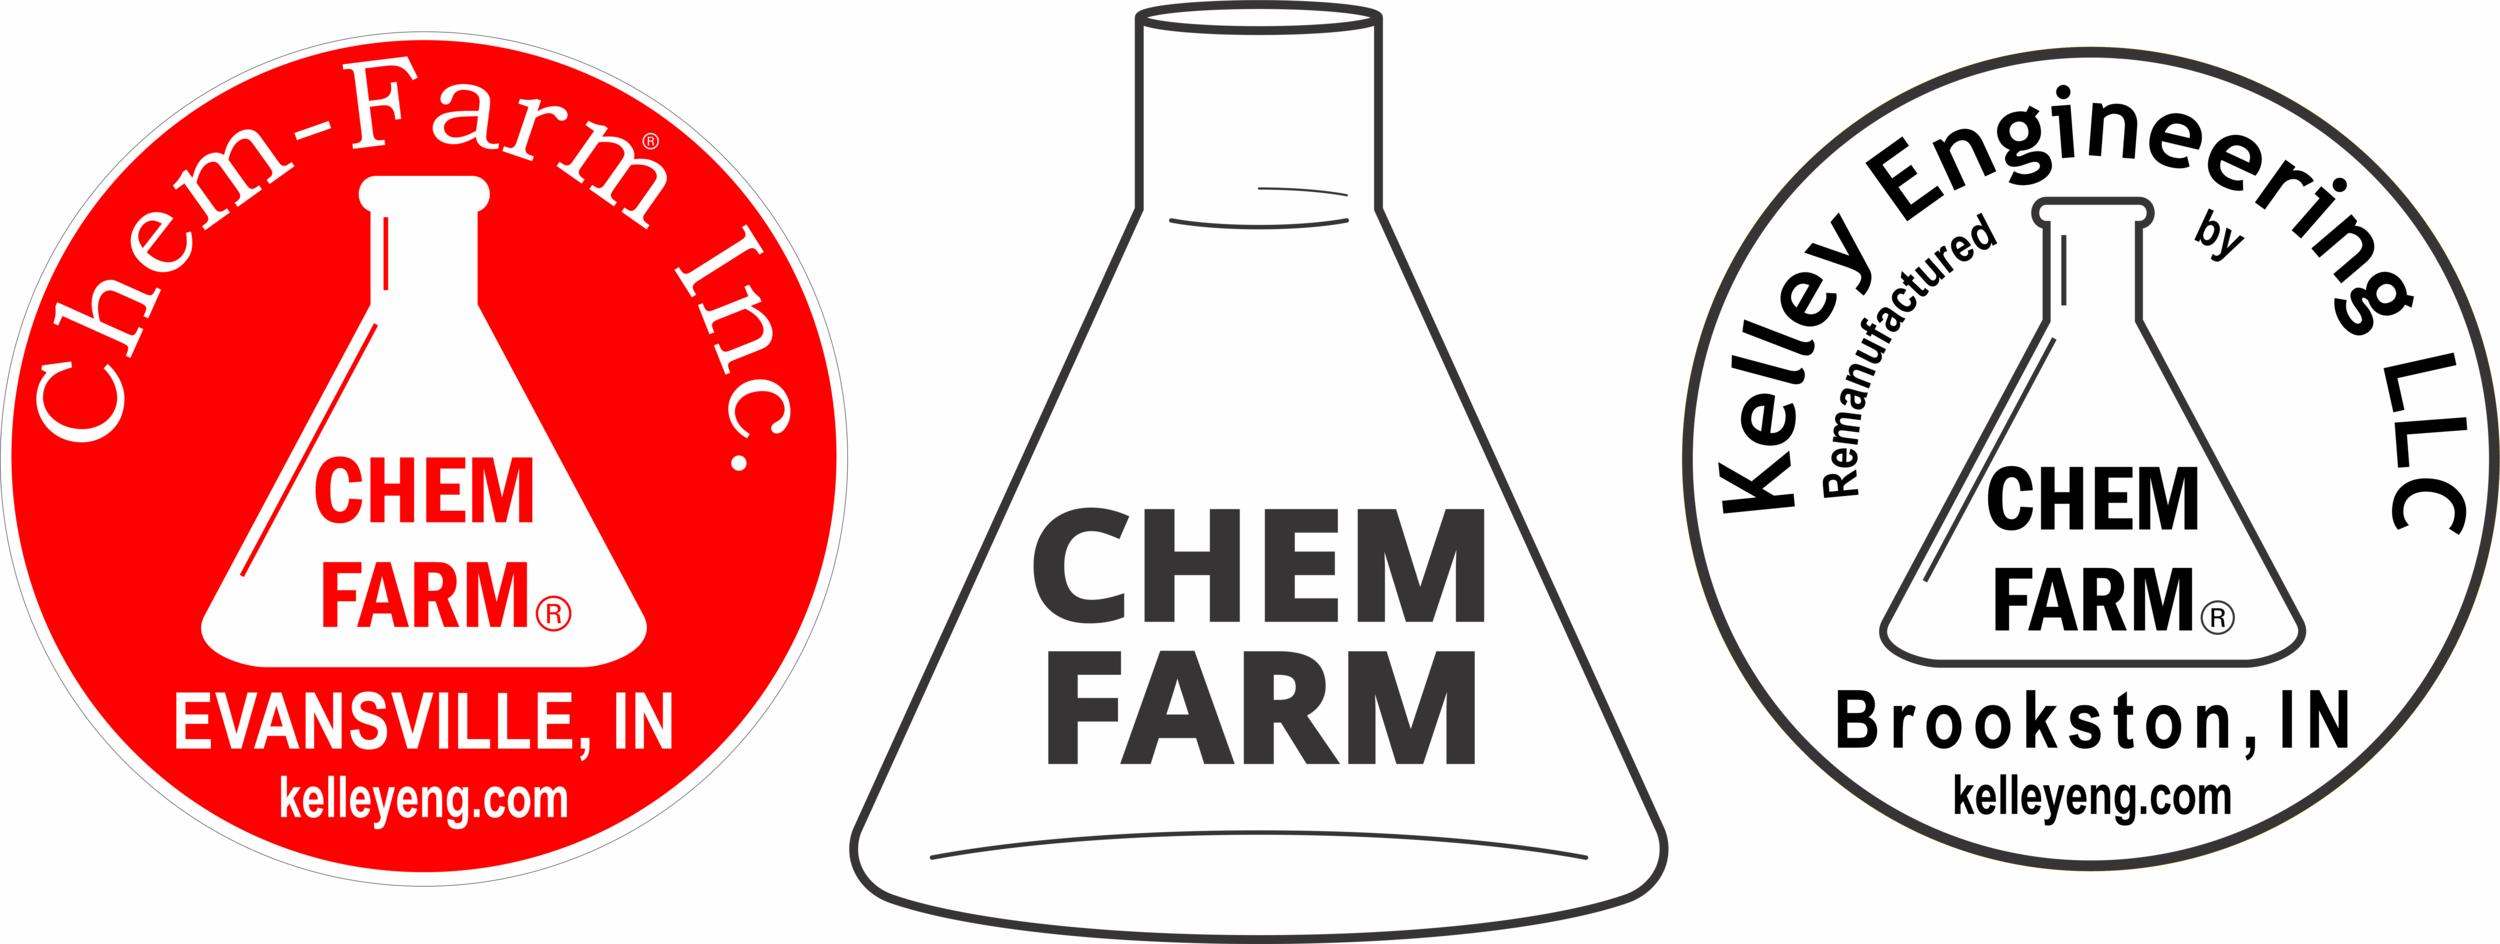 Chem-Farm Logos - Web.png